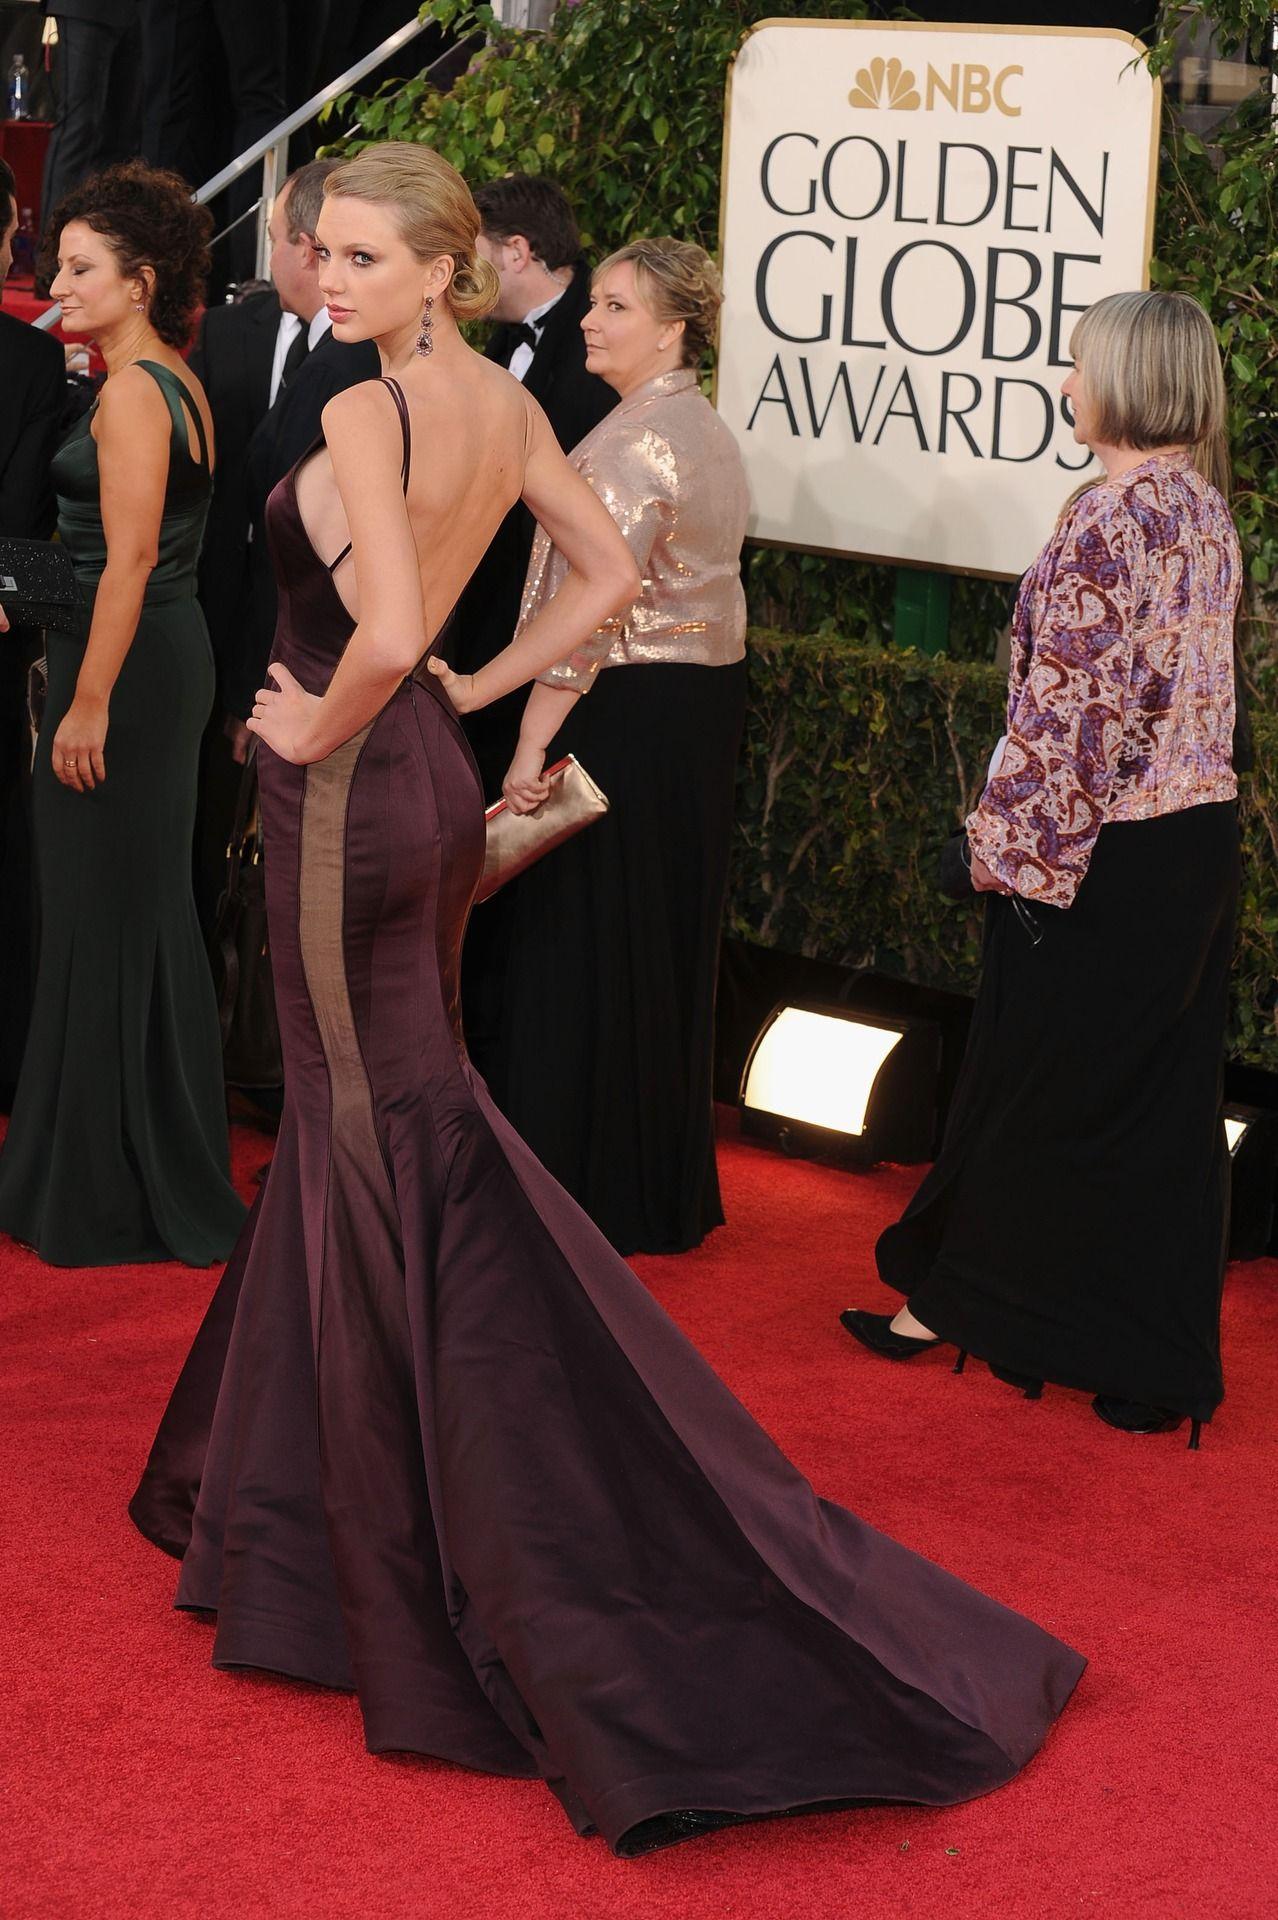 Taylor Swift, Golden Globes 2013. Um - wow?!